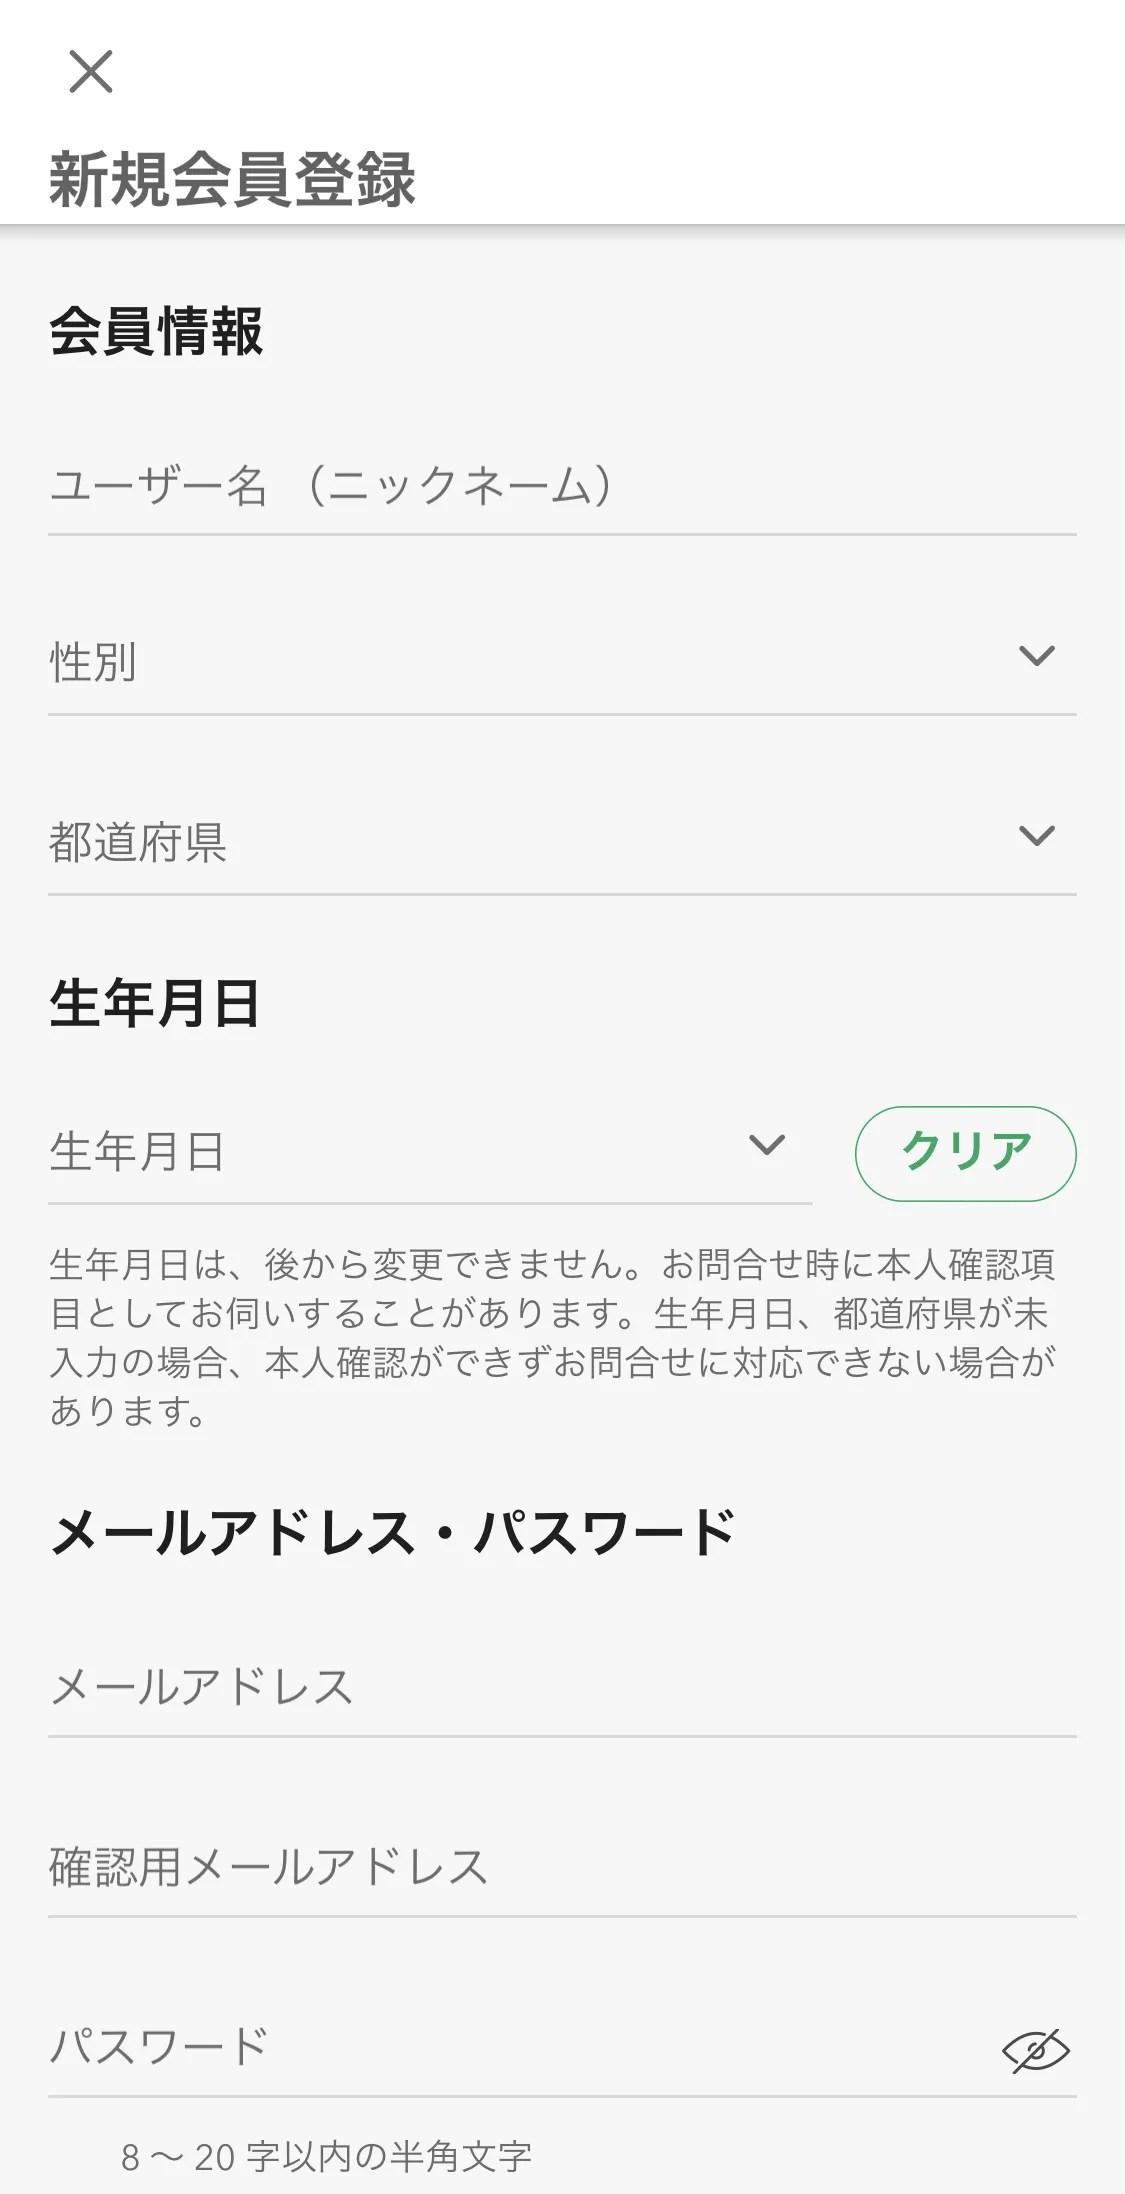 スタバアプリ 新規会員登録の画面